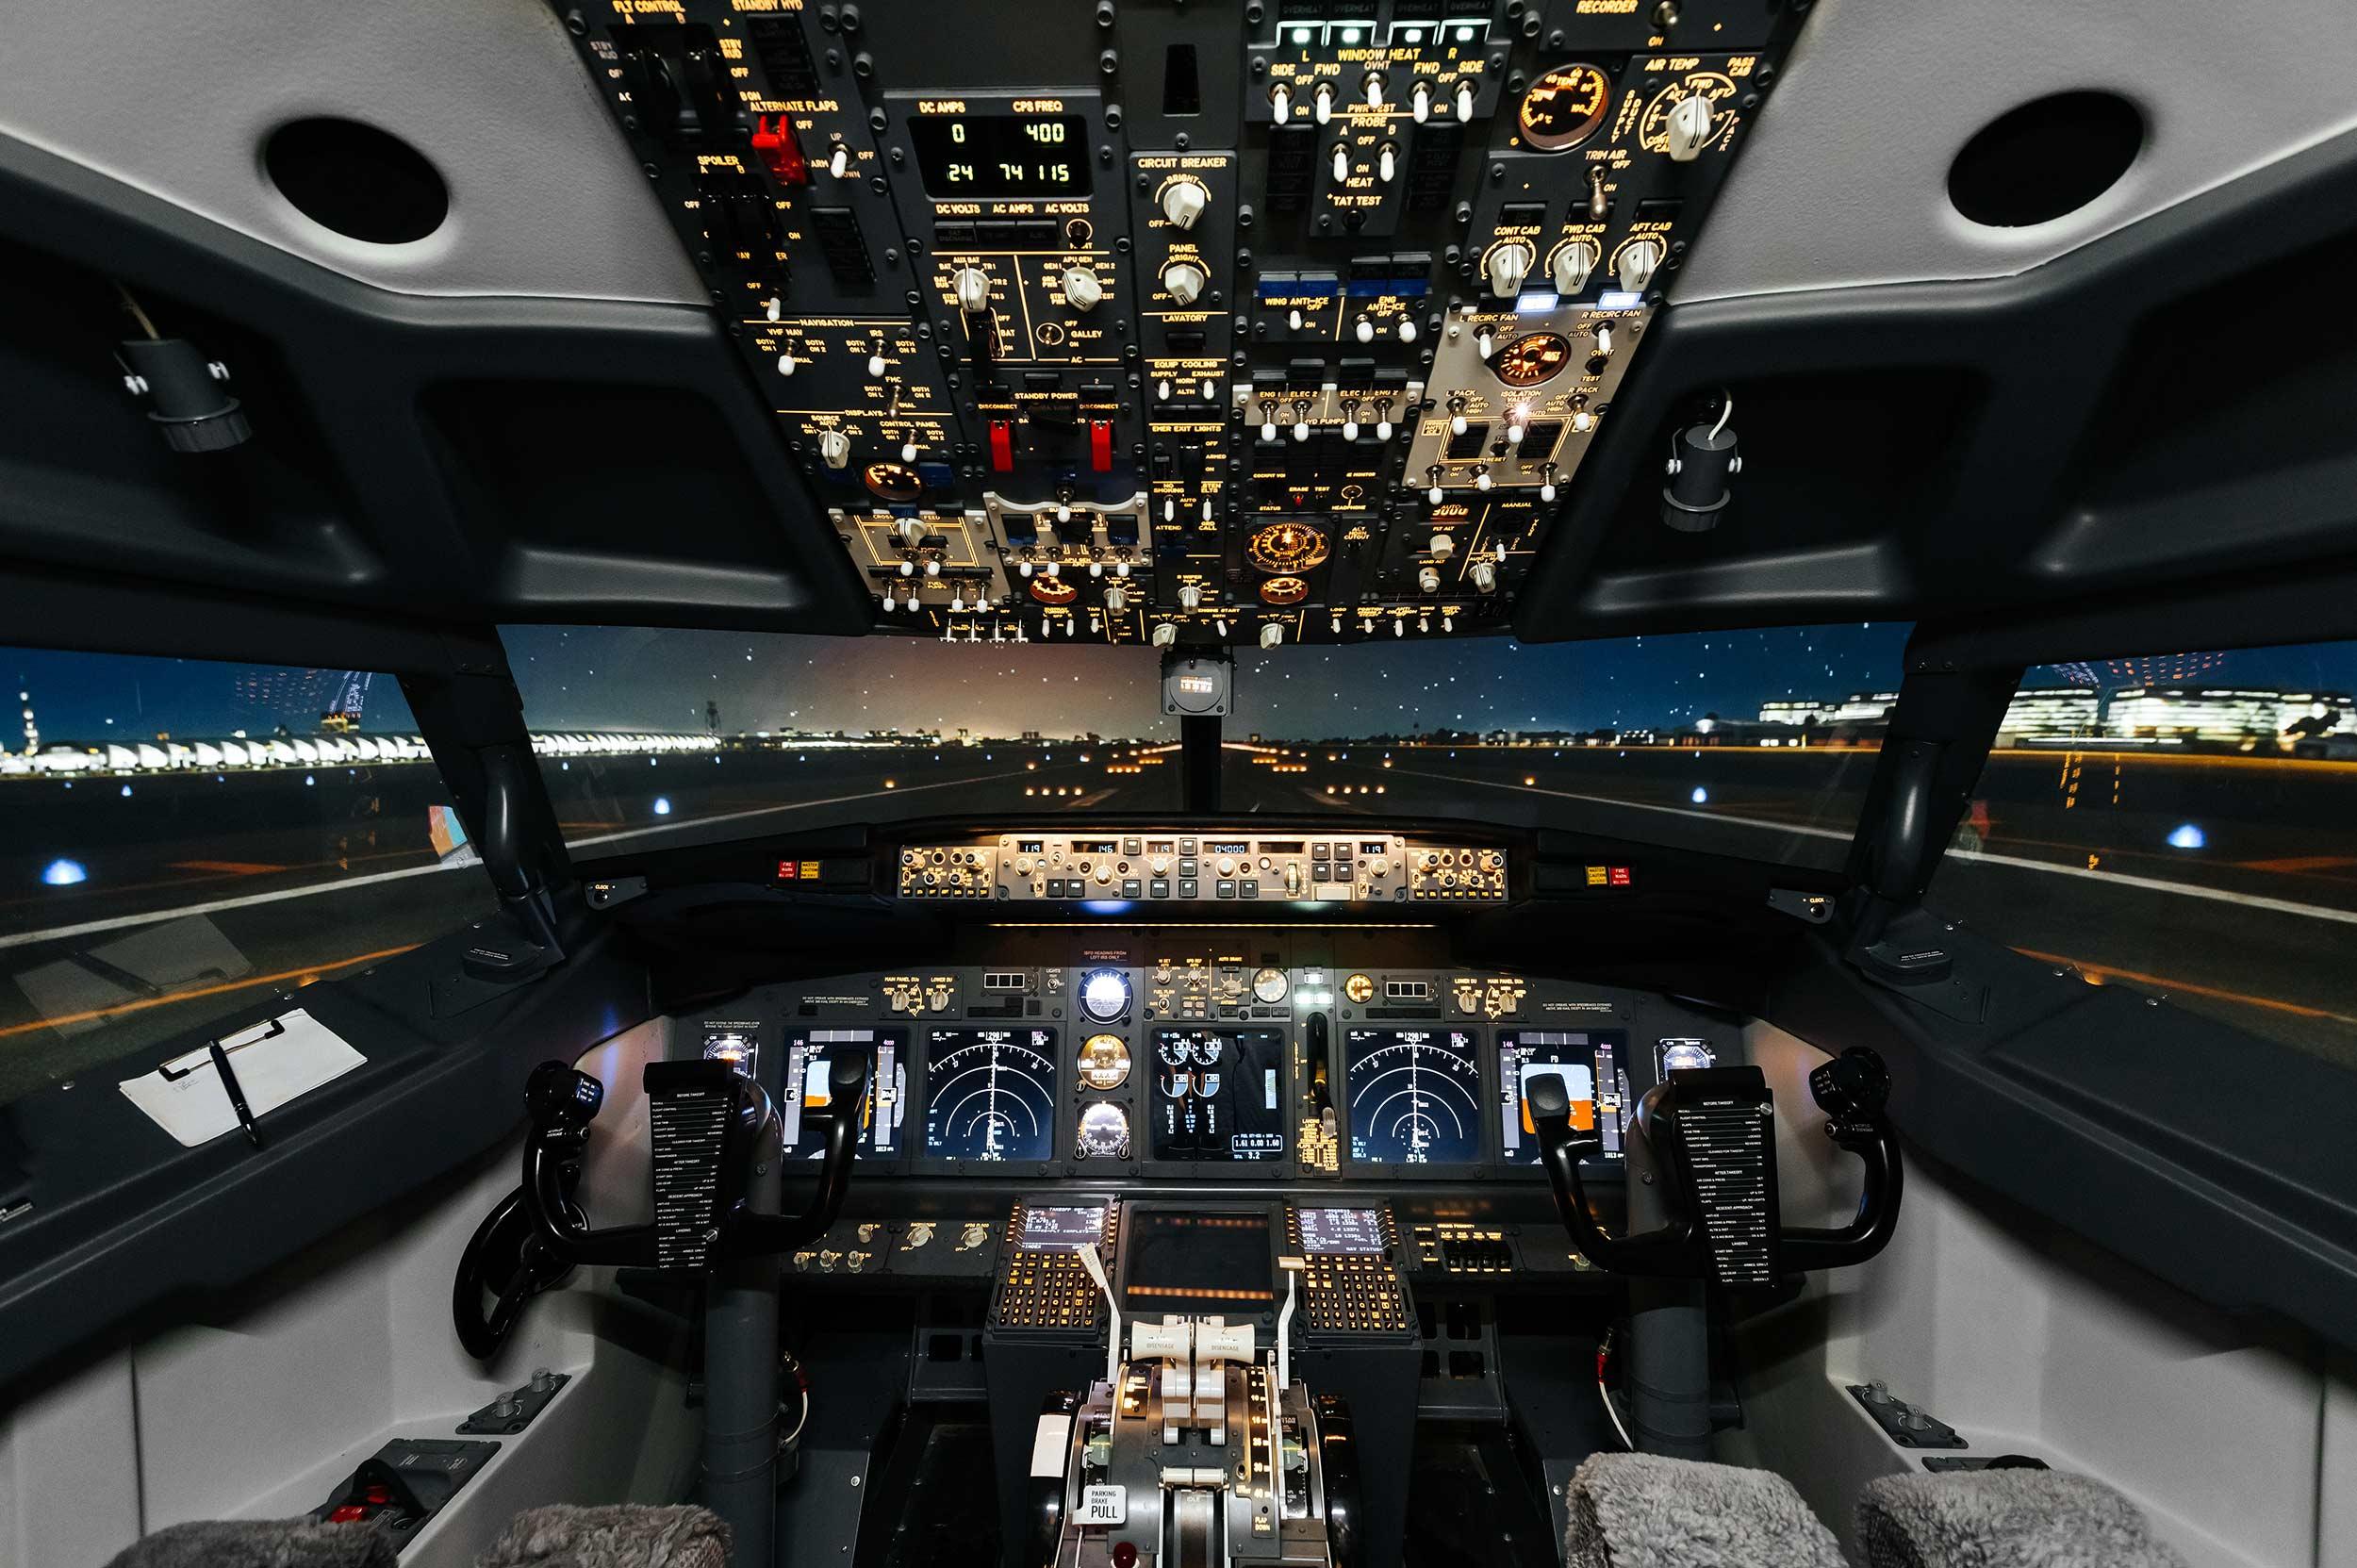 ID-HP17_Vorlage_Kategoriebilder_Boeing_2500x1663_72dpi